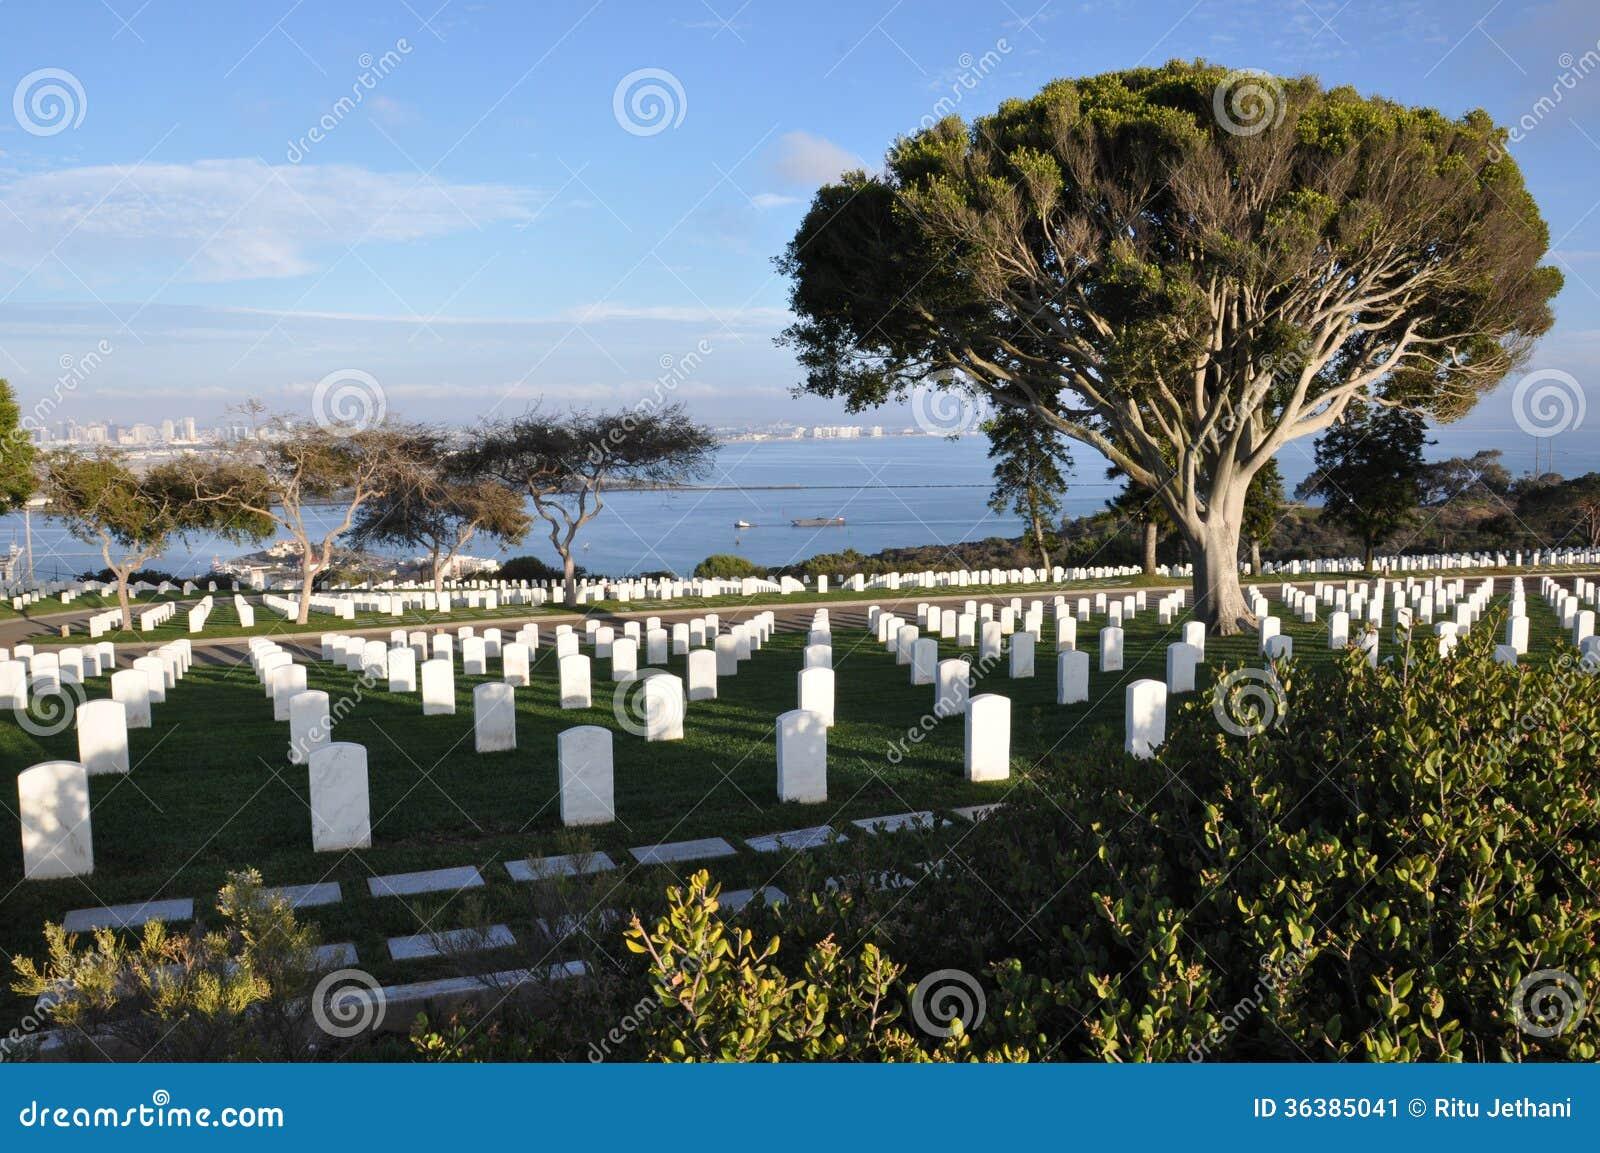 Ηνωμένο στρατιωτικό νεκροταφείο στο Σαν Ντιέγκο, Καλιφόρνια